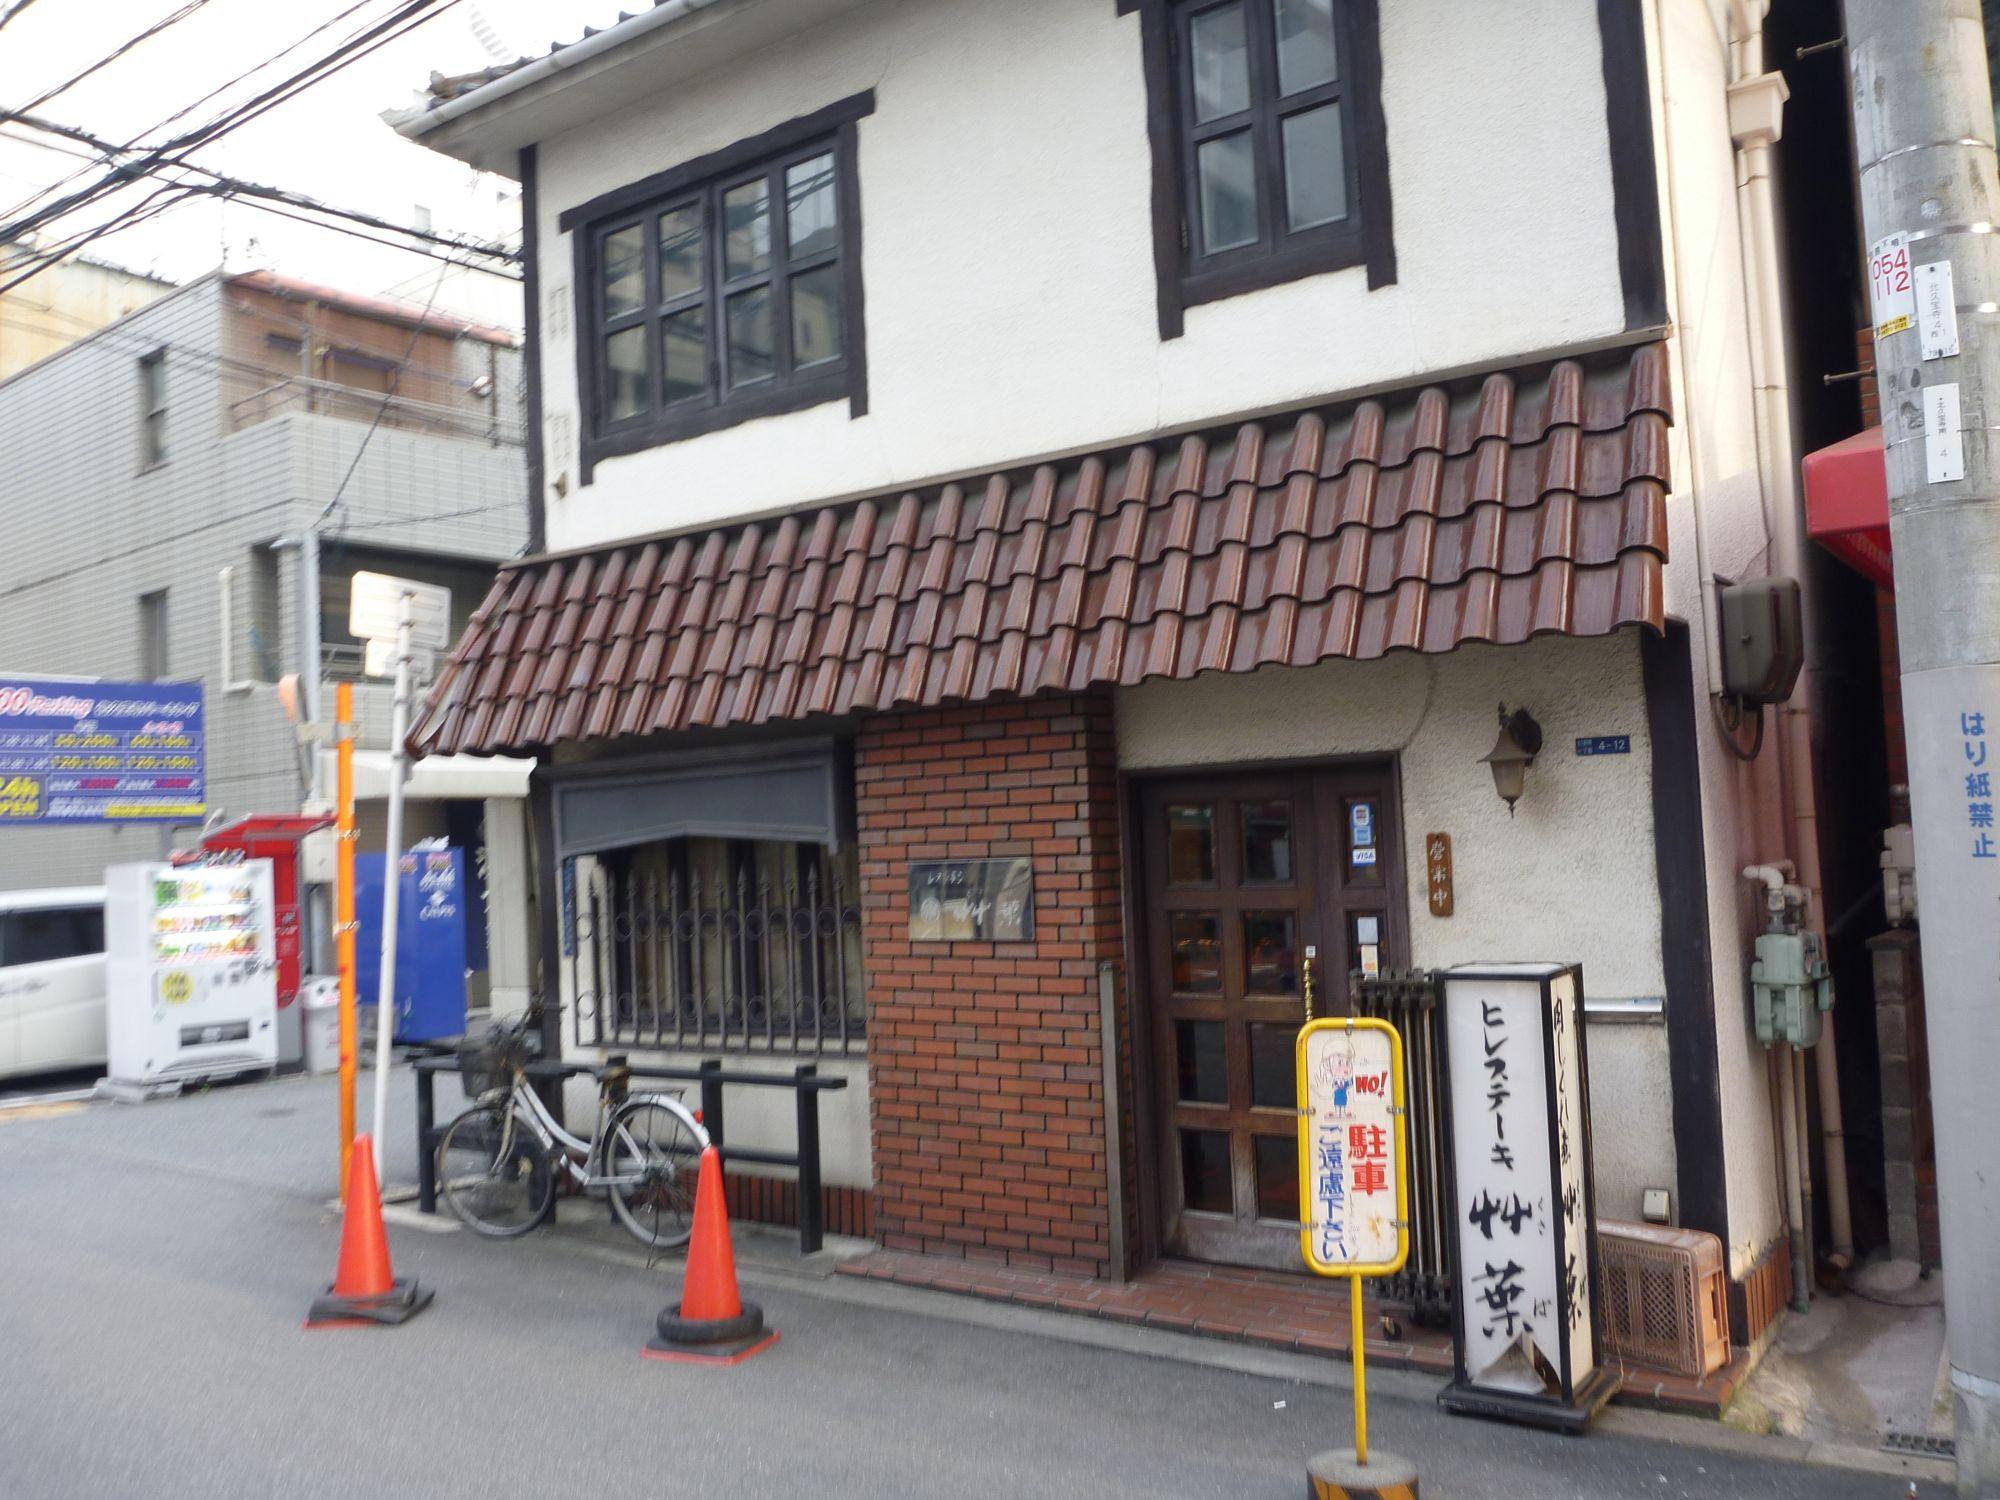 堺筋本町 艸葉(くさば)_b0054727_2292640.jpg